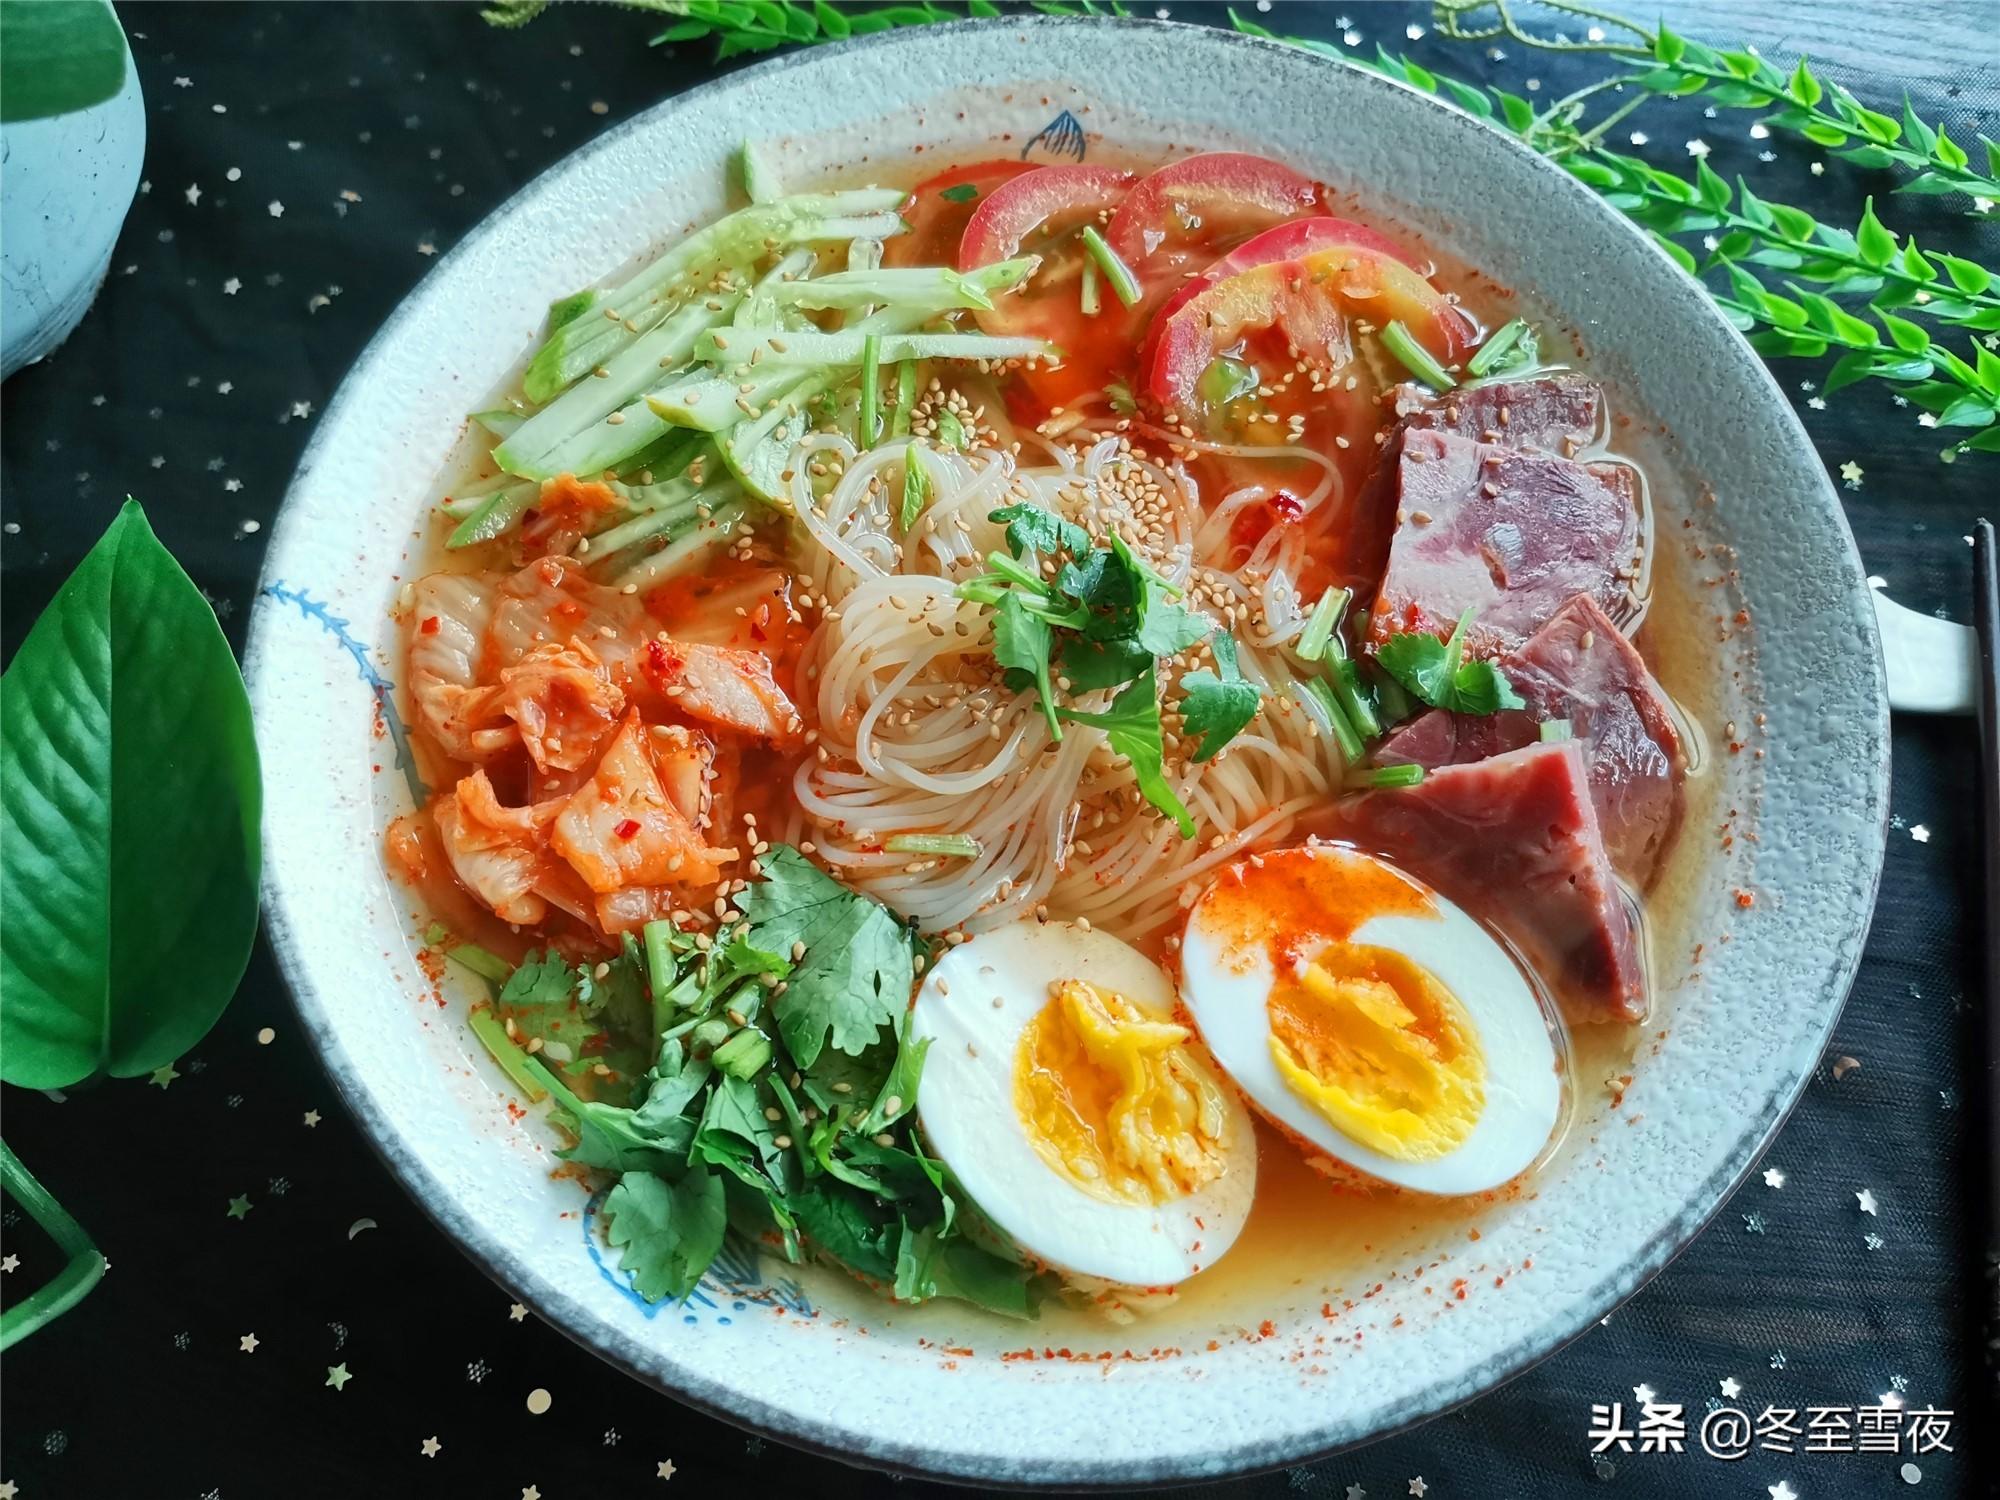 23道东北家常菜,吃了几十年都不腻,东北人都不一定全吃过 东北菜谱 第23张